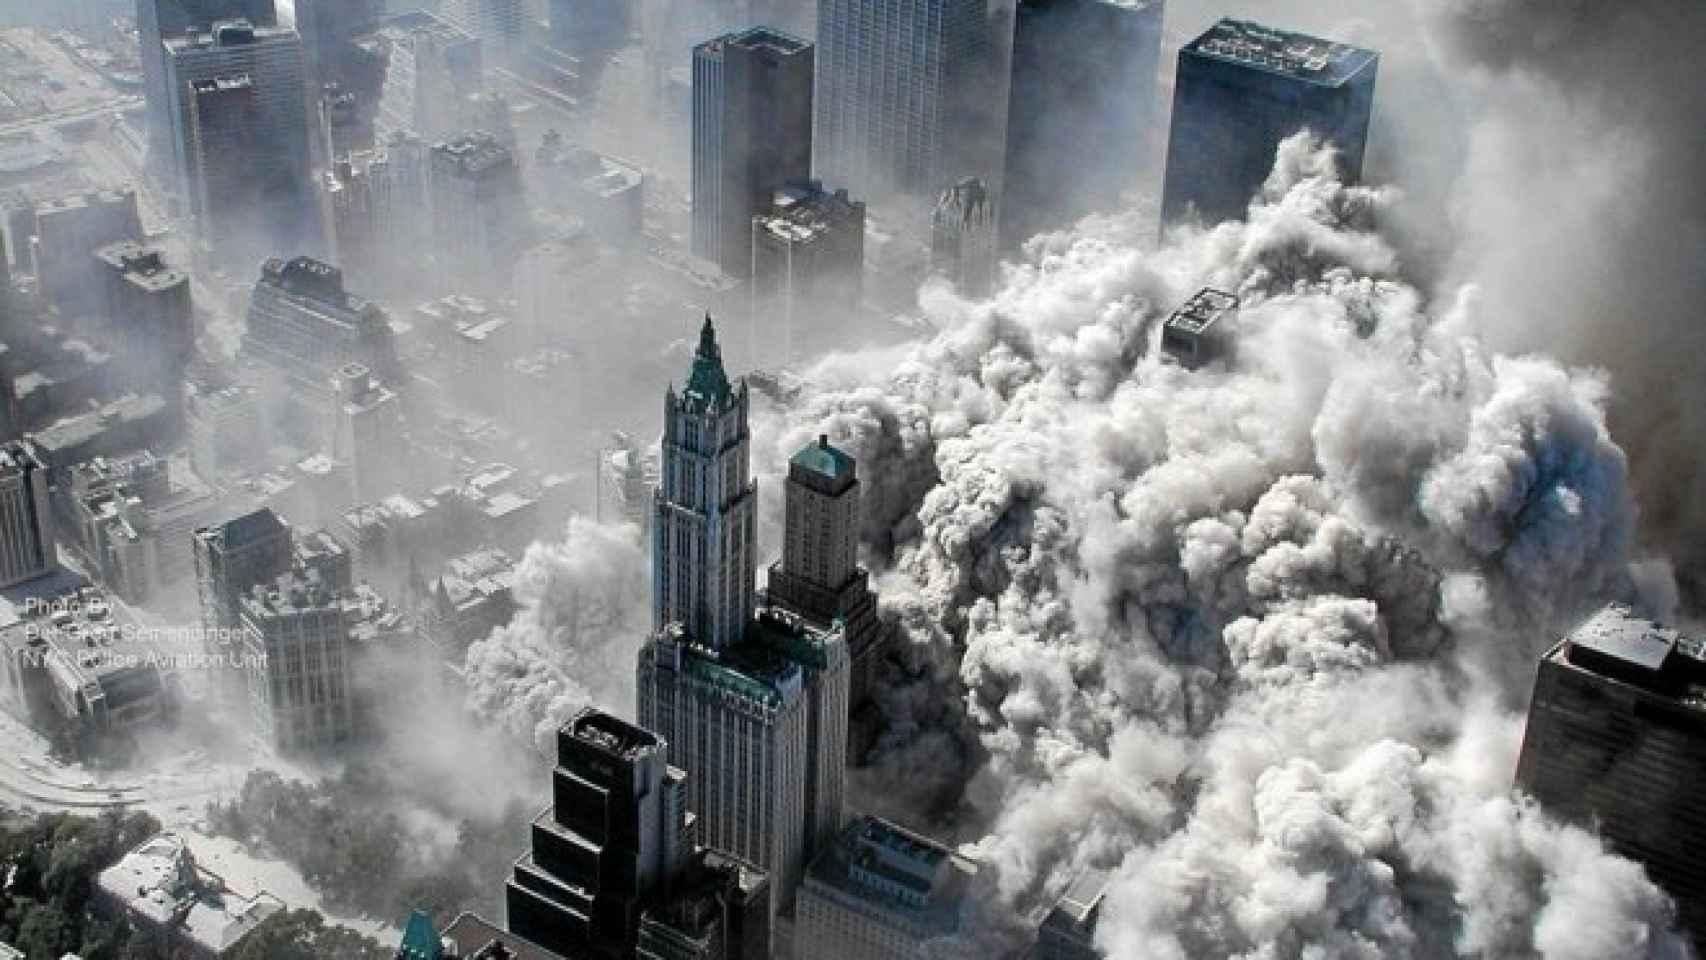 Fotogafía tomada por el Departamento de Policía de Nueva York tras el derrumbe de las Torres Gemelas